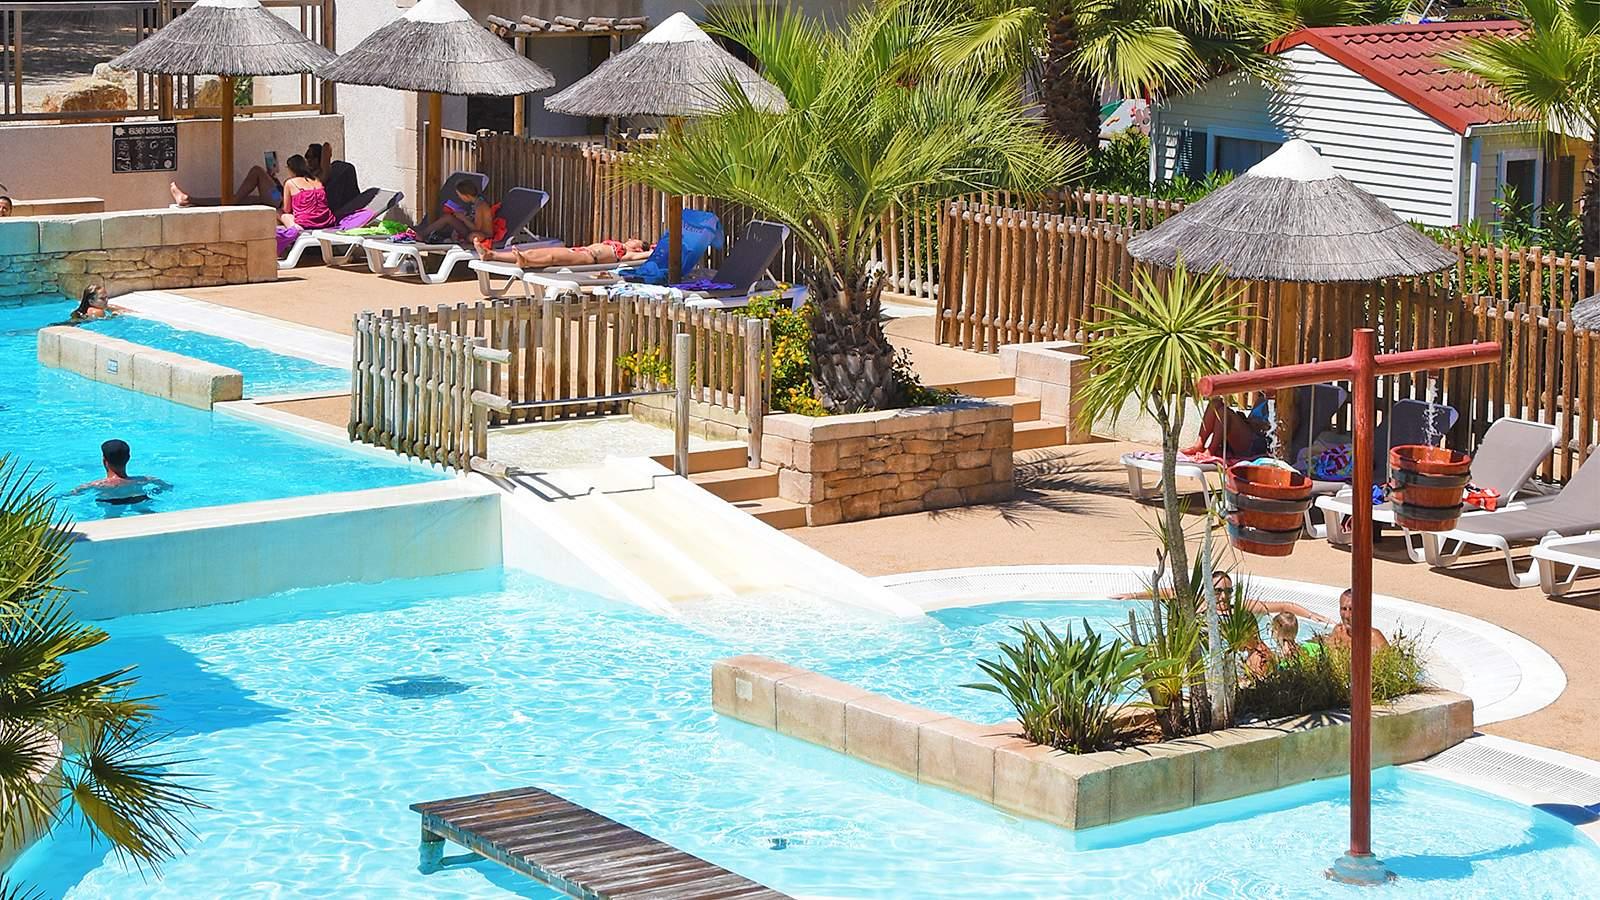 Espace aquatique camping la treille cavalaire sur mer for Camping dans le var avec piscine